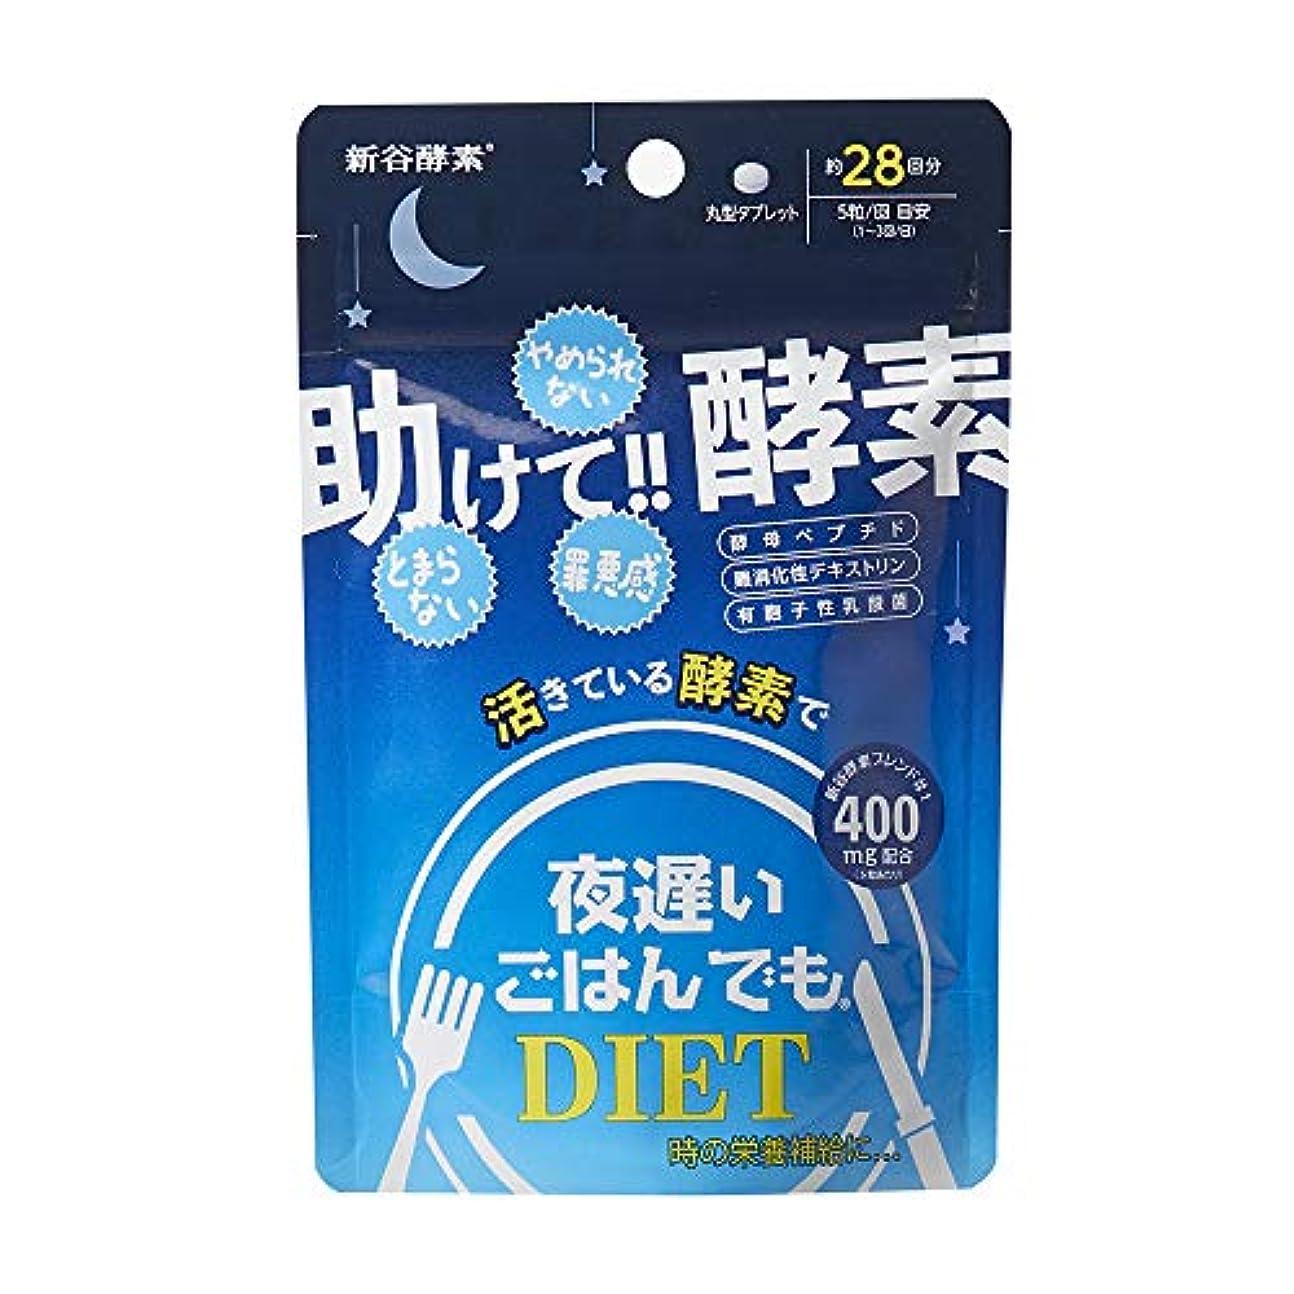 健全ダイヤルさまよう新谷酵素 夜遅いごはんでも 助けて!! 酵素 (28回分)